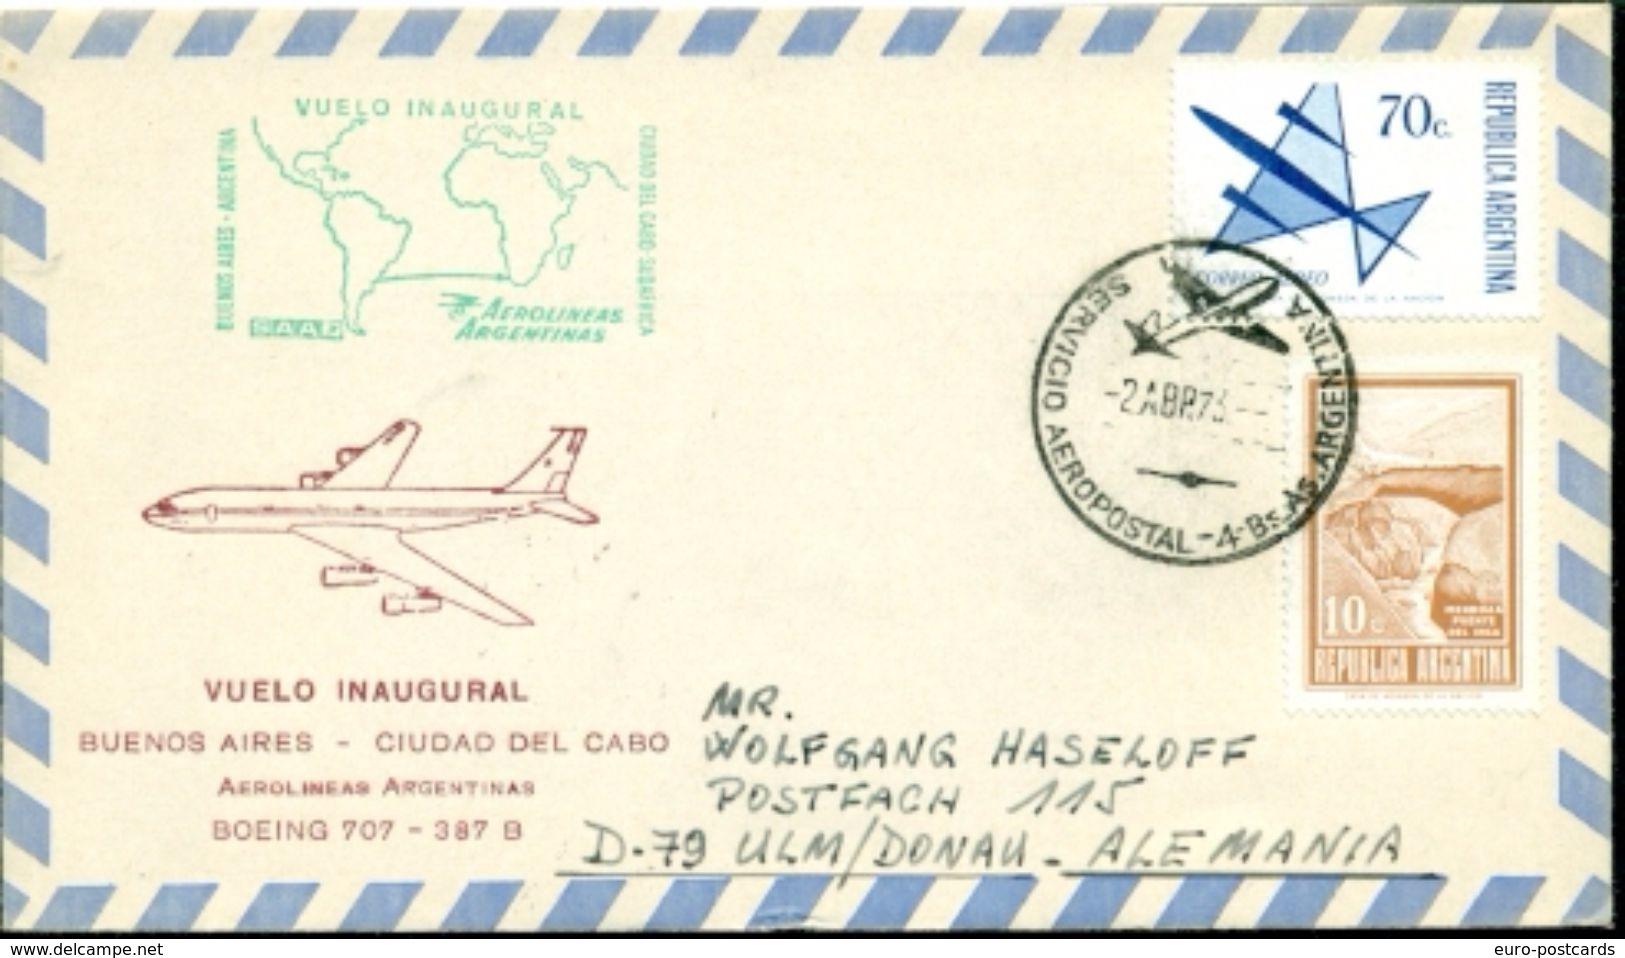 Erste Flüge-Primi Voli-First Flights--marcofilia-primeros Vuelos- BUENOS AIRES-CIUDAD DEL CABO-AEROLINAS ARGENTINAS - Argentina